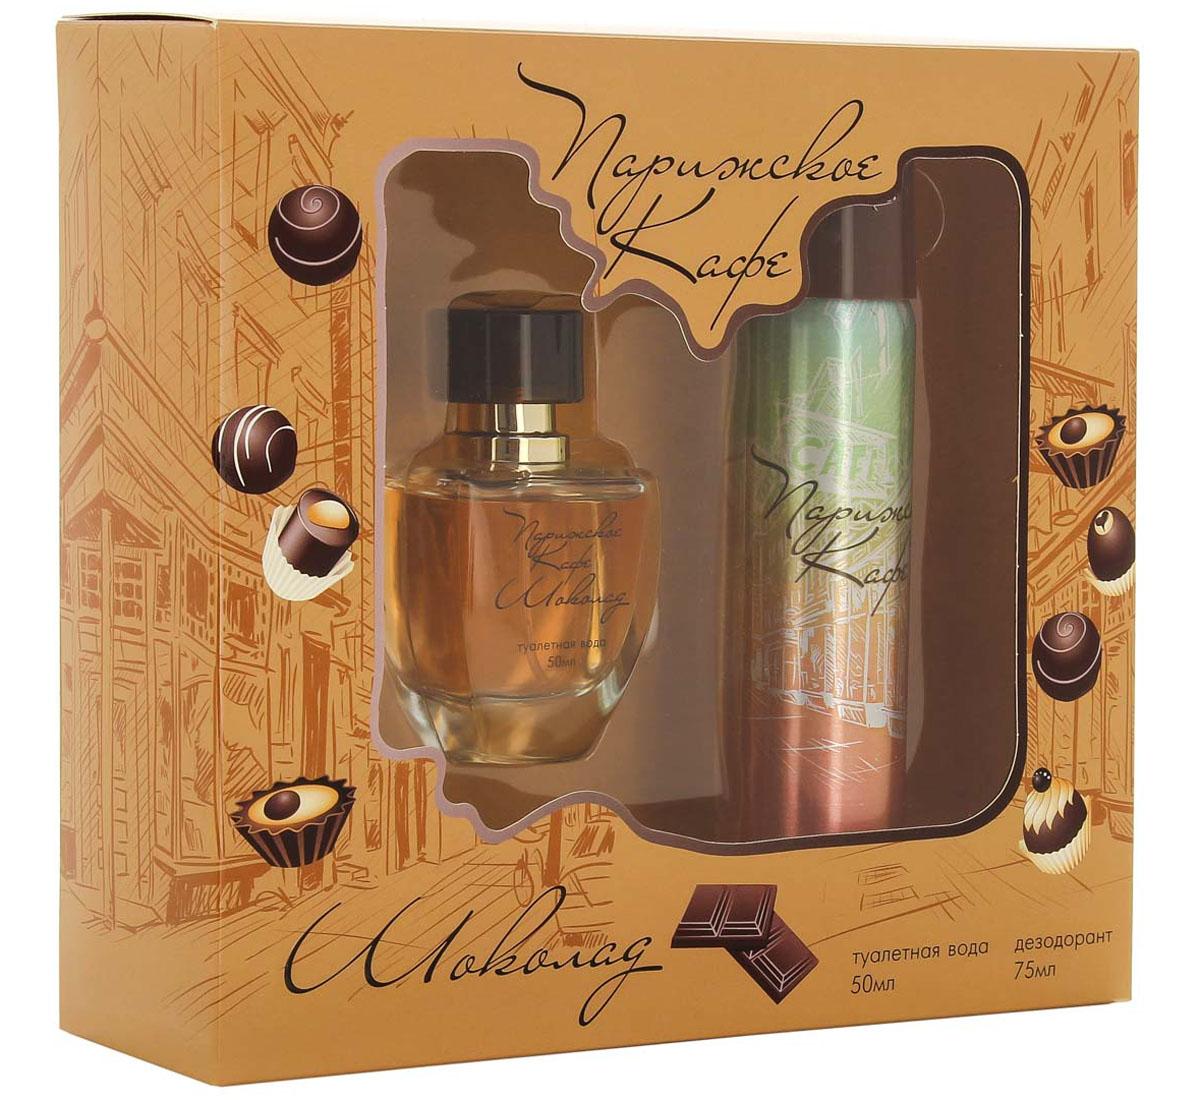 КПК-Парфюм Подарочный набор для женщин Парижское кафе: Шоколад: Туалетная вода, 50 мл + Парфюмированный дезодорант, 75 млКПК239ПАРИЖСКОЕ КАФЕ ШОКОЛАД- это аромат для женщин. Верхние ноты: страстоцвет, красный мак и пион; ноты сердца: жасмин, нарцисс, мексиканский шоколад и ежевика; ноты базы: мускус, пачули, амбра и ваниль.Краткий гид по парфюмерии: виды, ноты, ароматы, советы по выбору. Статья OZON Гид